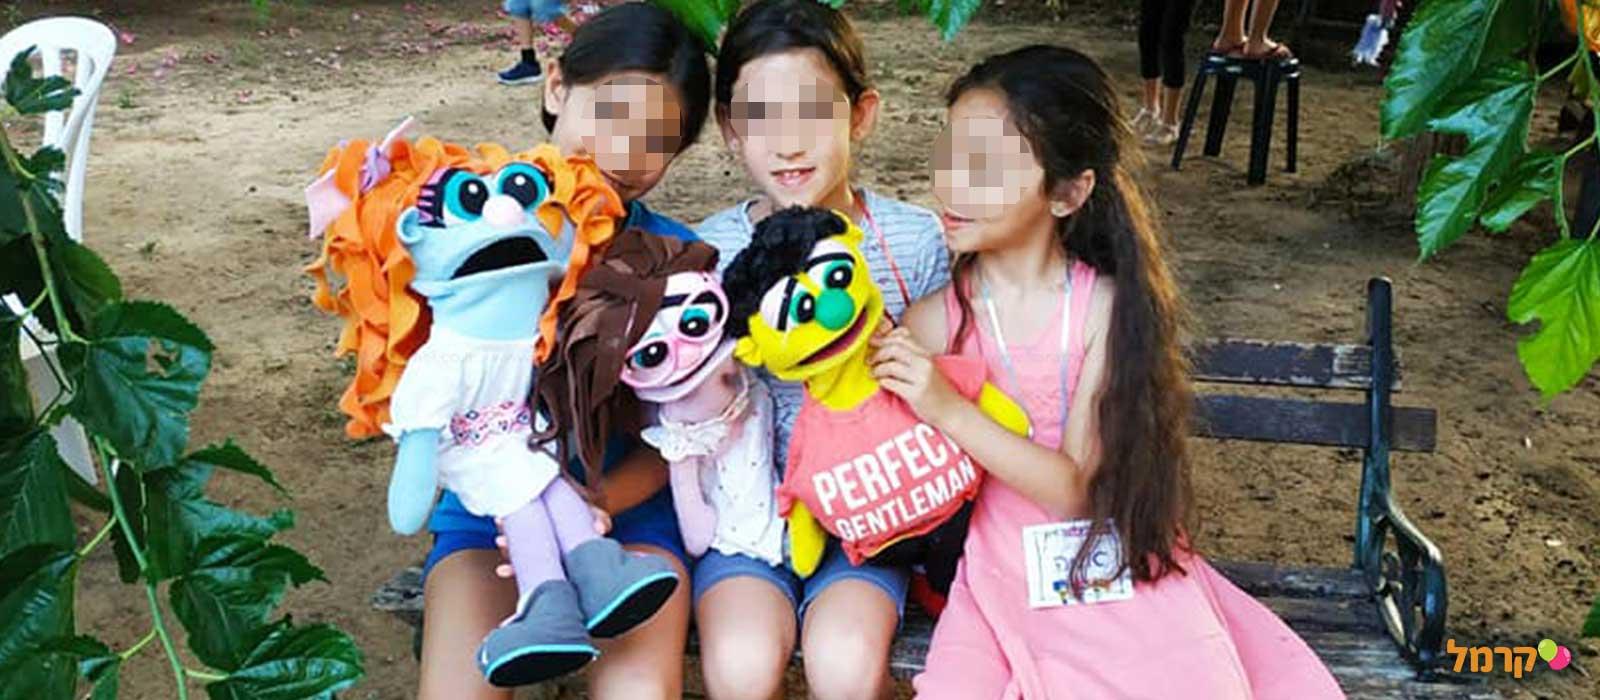 הבובות של סיון - חגיגה של יצירה - 073-7840297